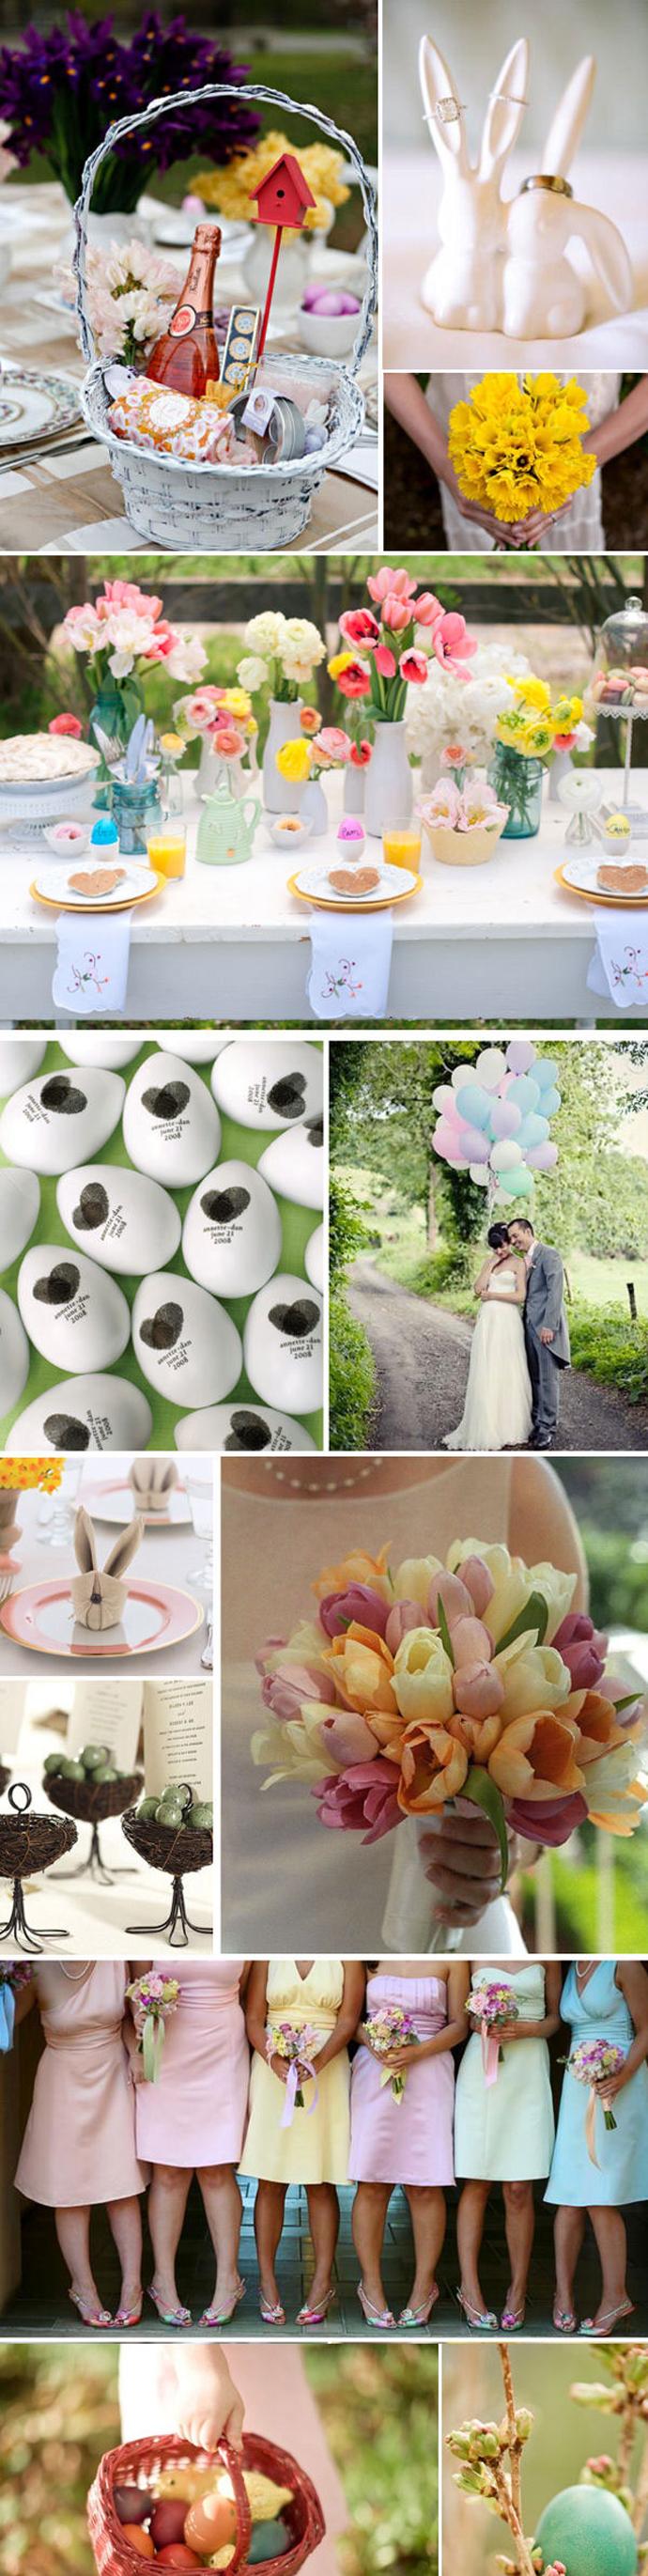 Wielkanocne dekoracje ślubne